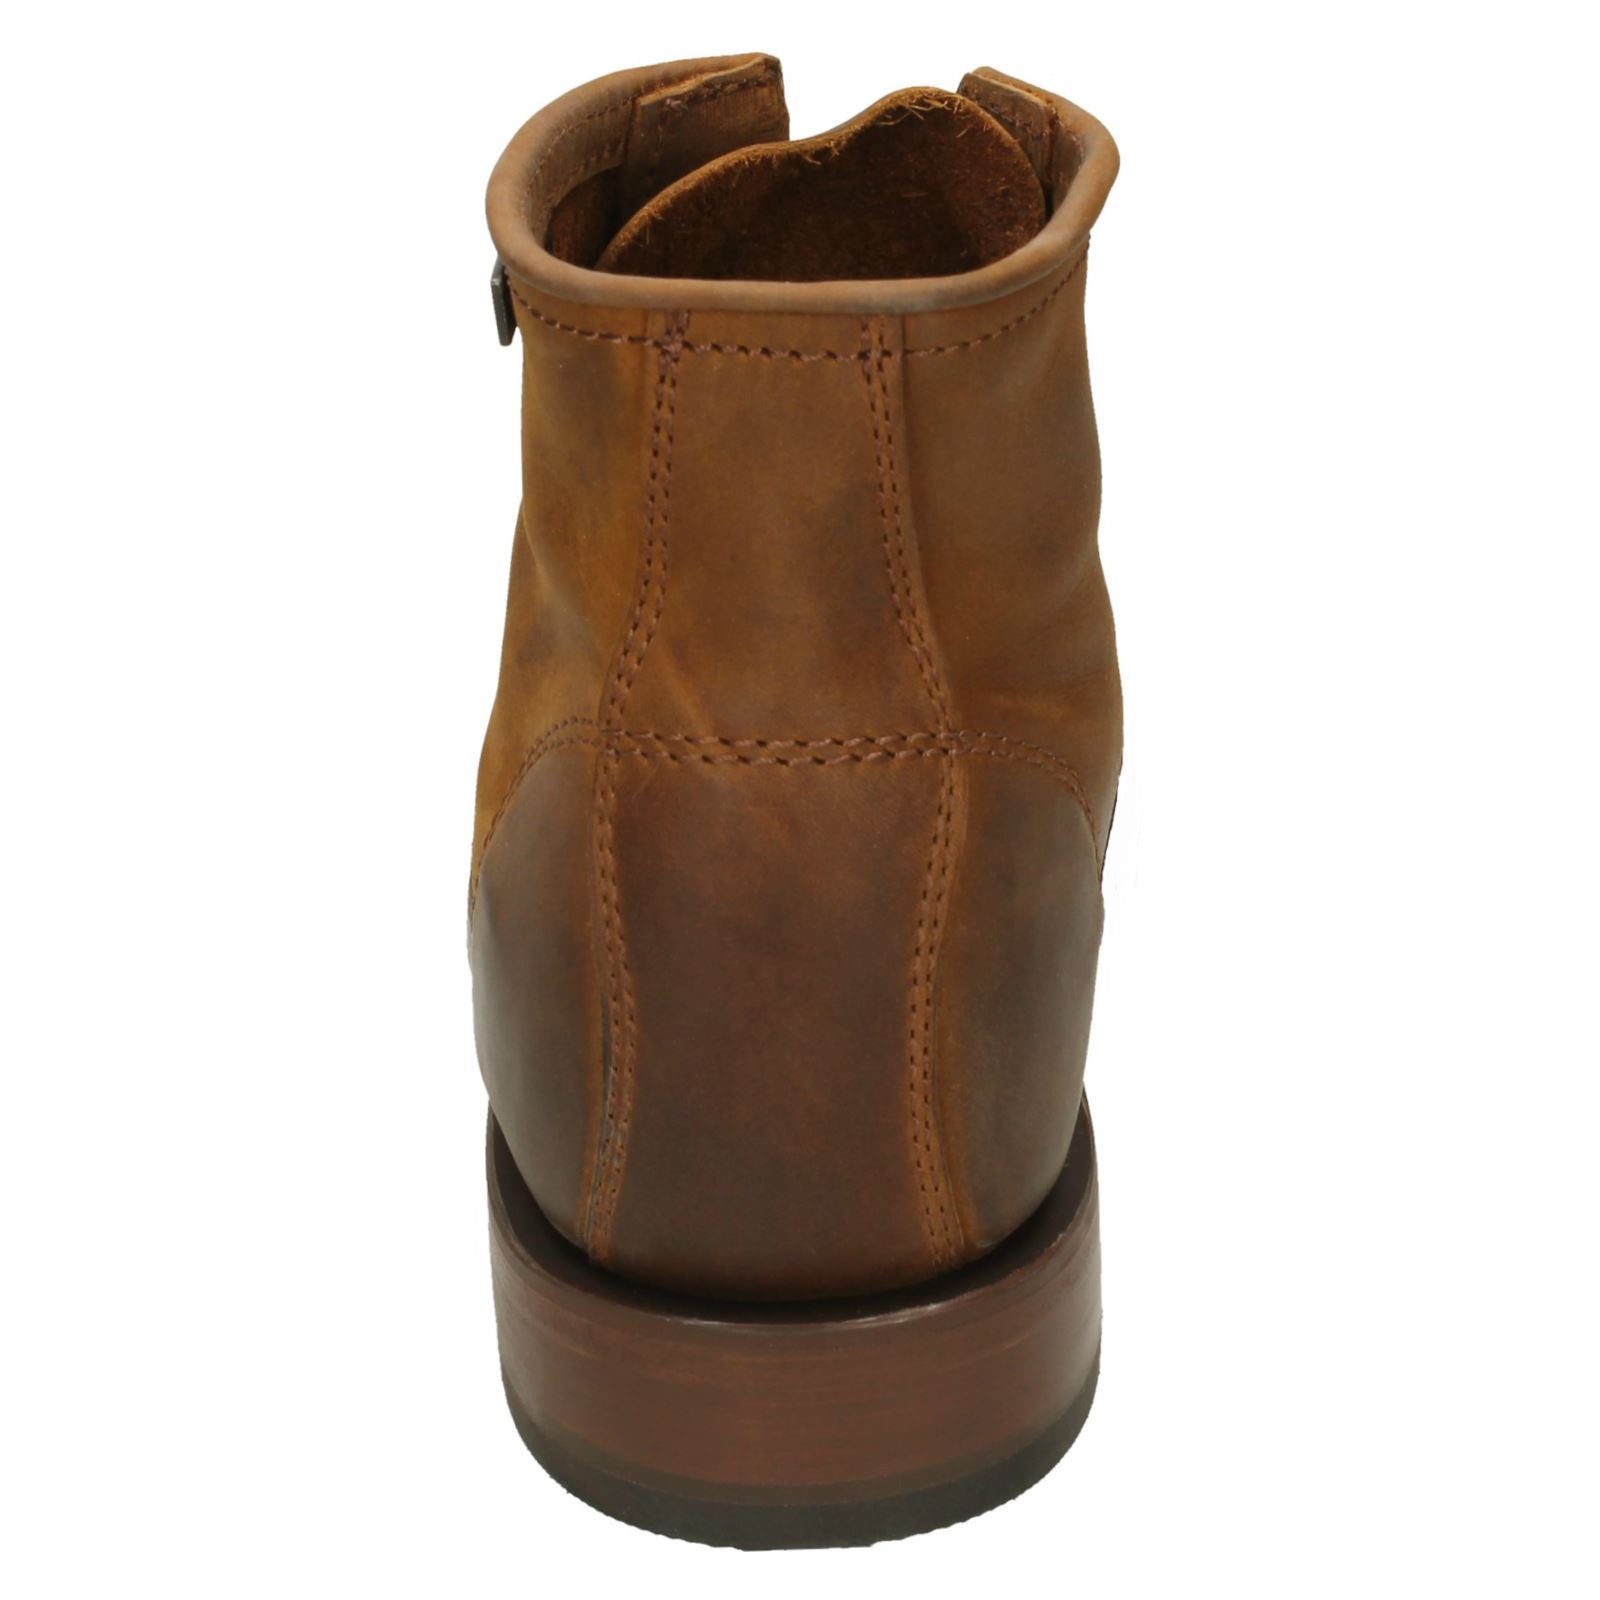 Hombre HARLEY DAVIDSON Botas estilo al tobillo con cordones estilo Botas tarrson  N 768310